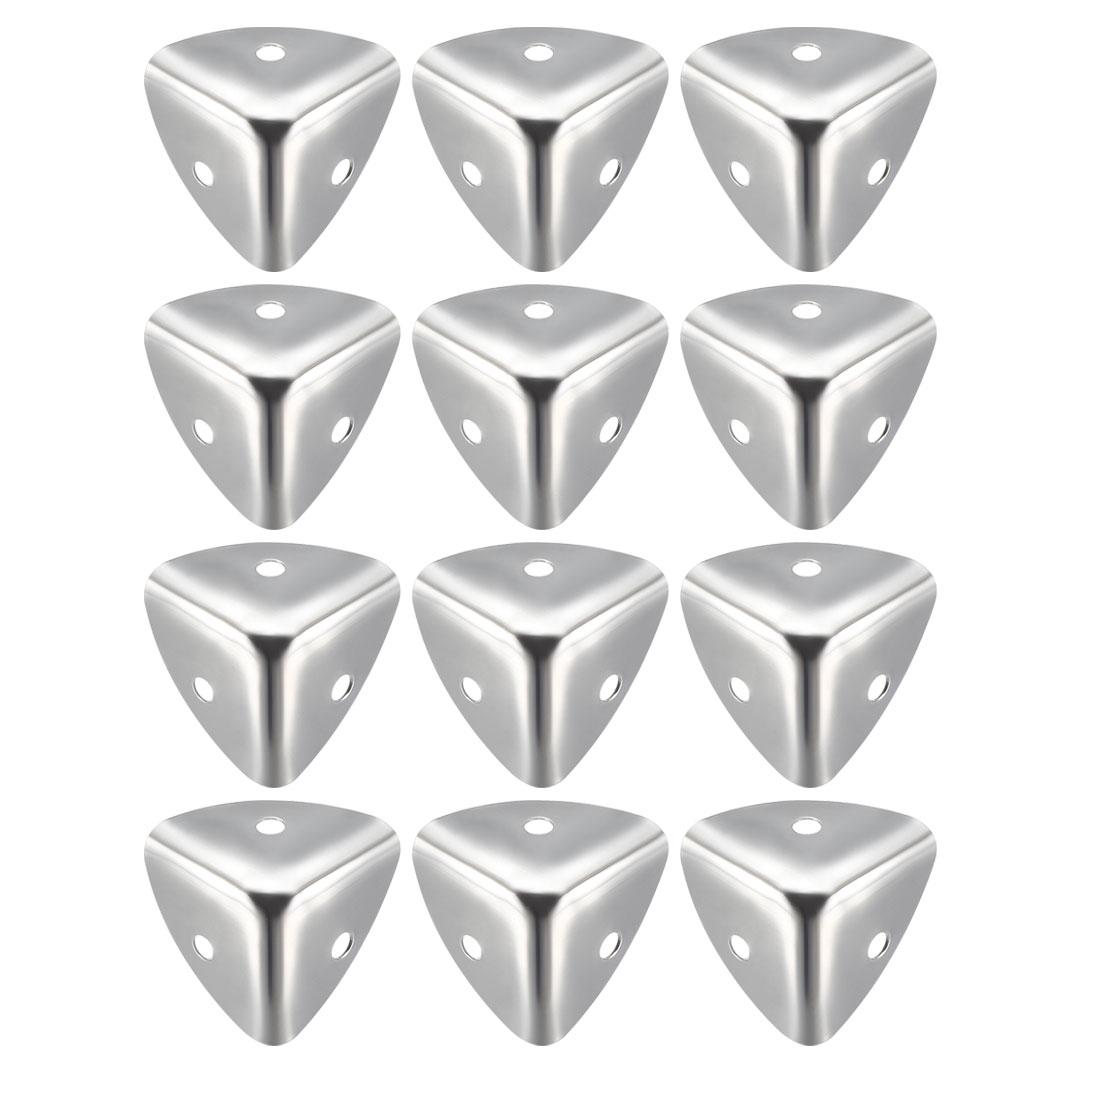 Metal Box Corner Protectors Edge Protector 25 x 25 x 25mm Silver Tone 12pcs